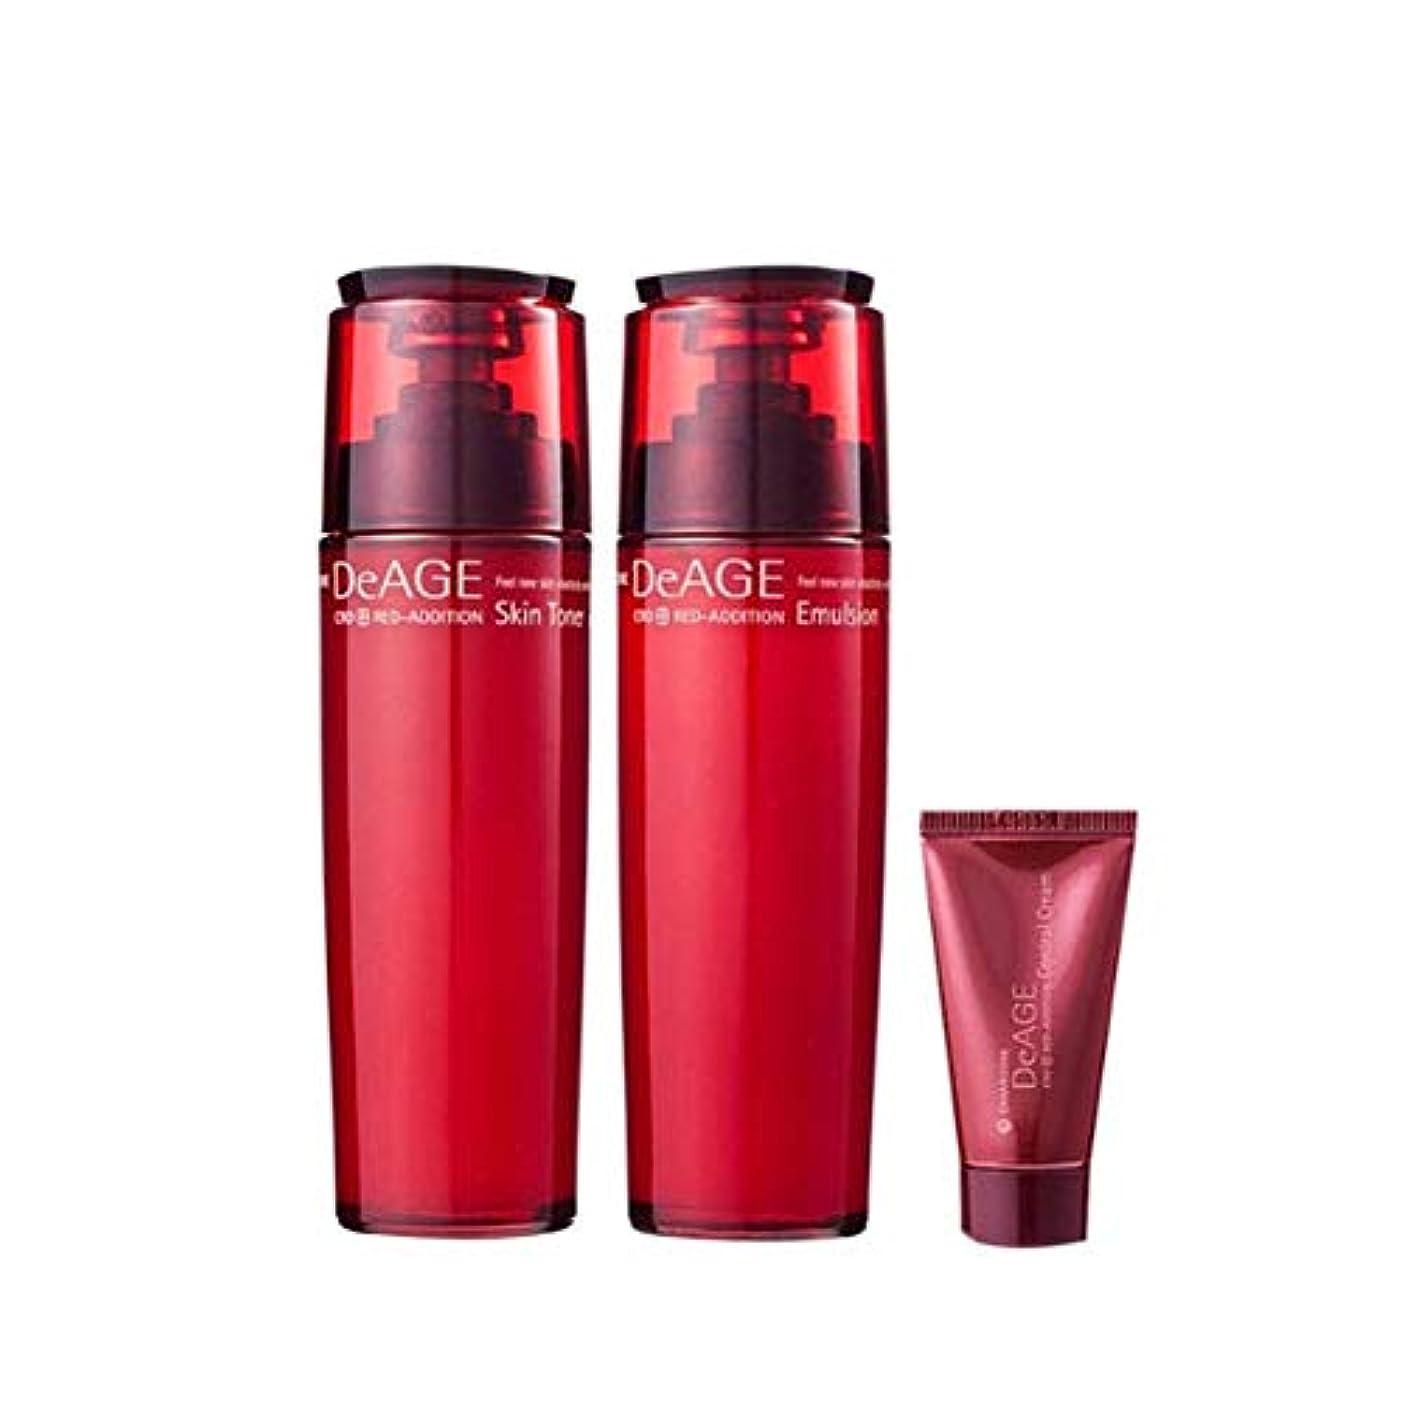 責めちっちゃいアドバイスチャムジョンディエイジレッドエディションセット(スキントナー130ml、エマルジョン130ml、コントロールクリーム15ml)、Charmzone DeAGE Red Addition Set(Skin Toner 130ml...